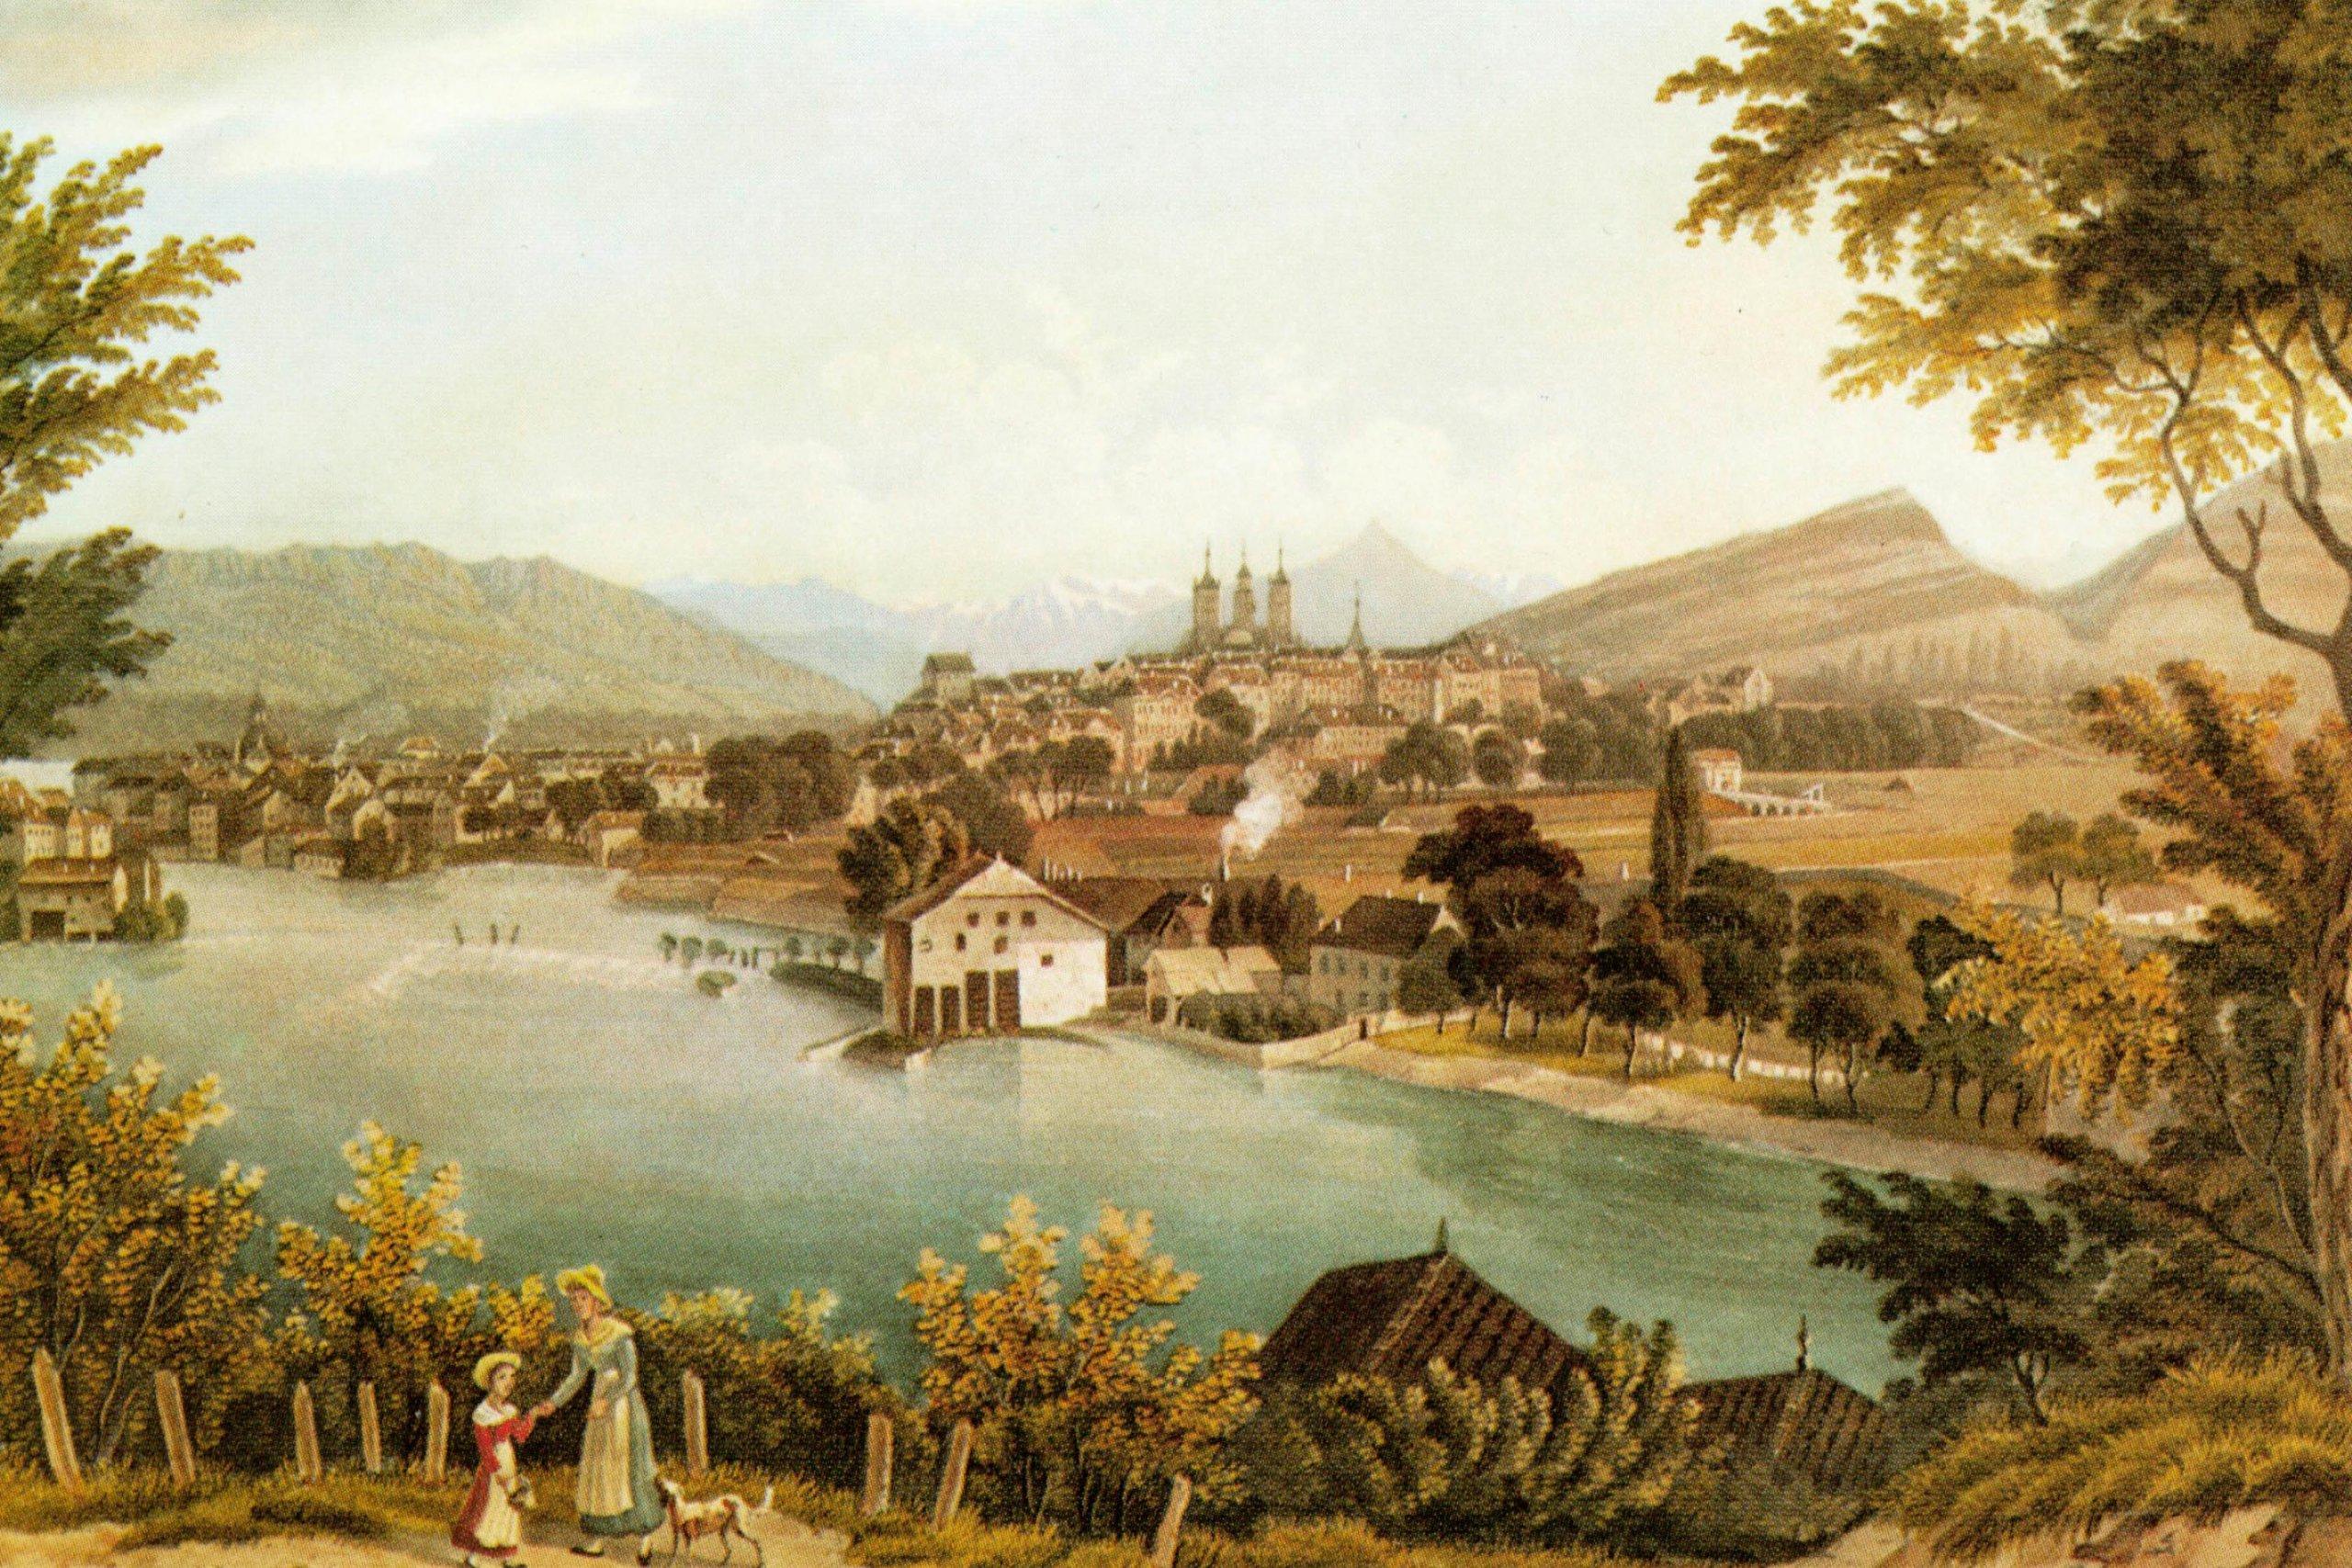 Historische foto van Geneve, Zwitserland